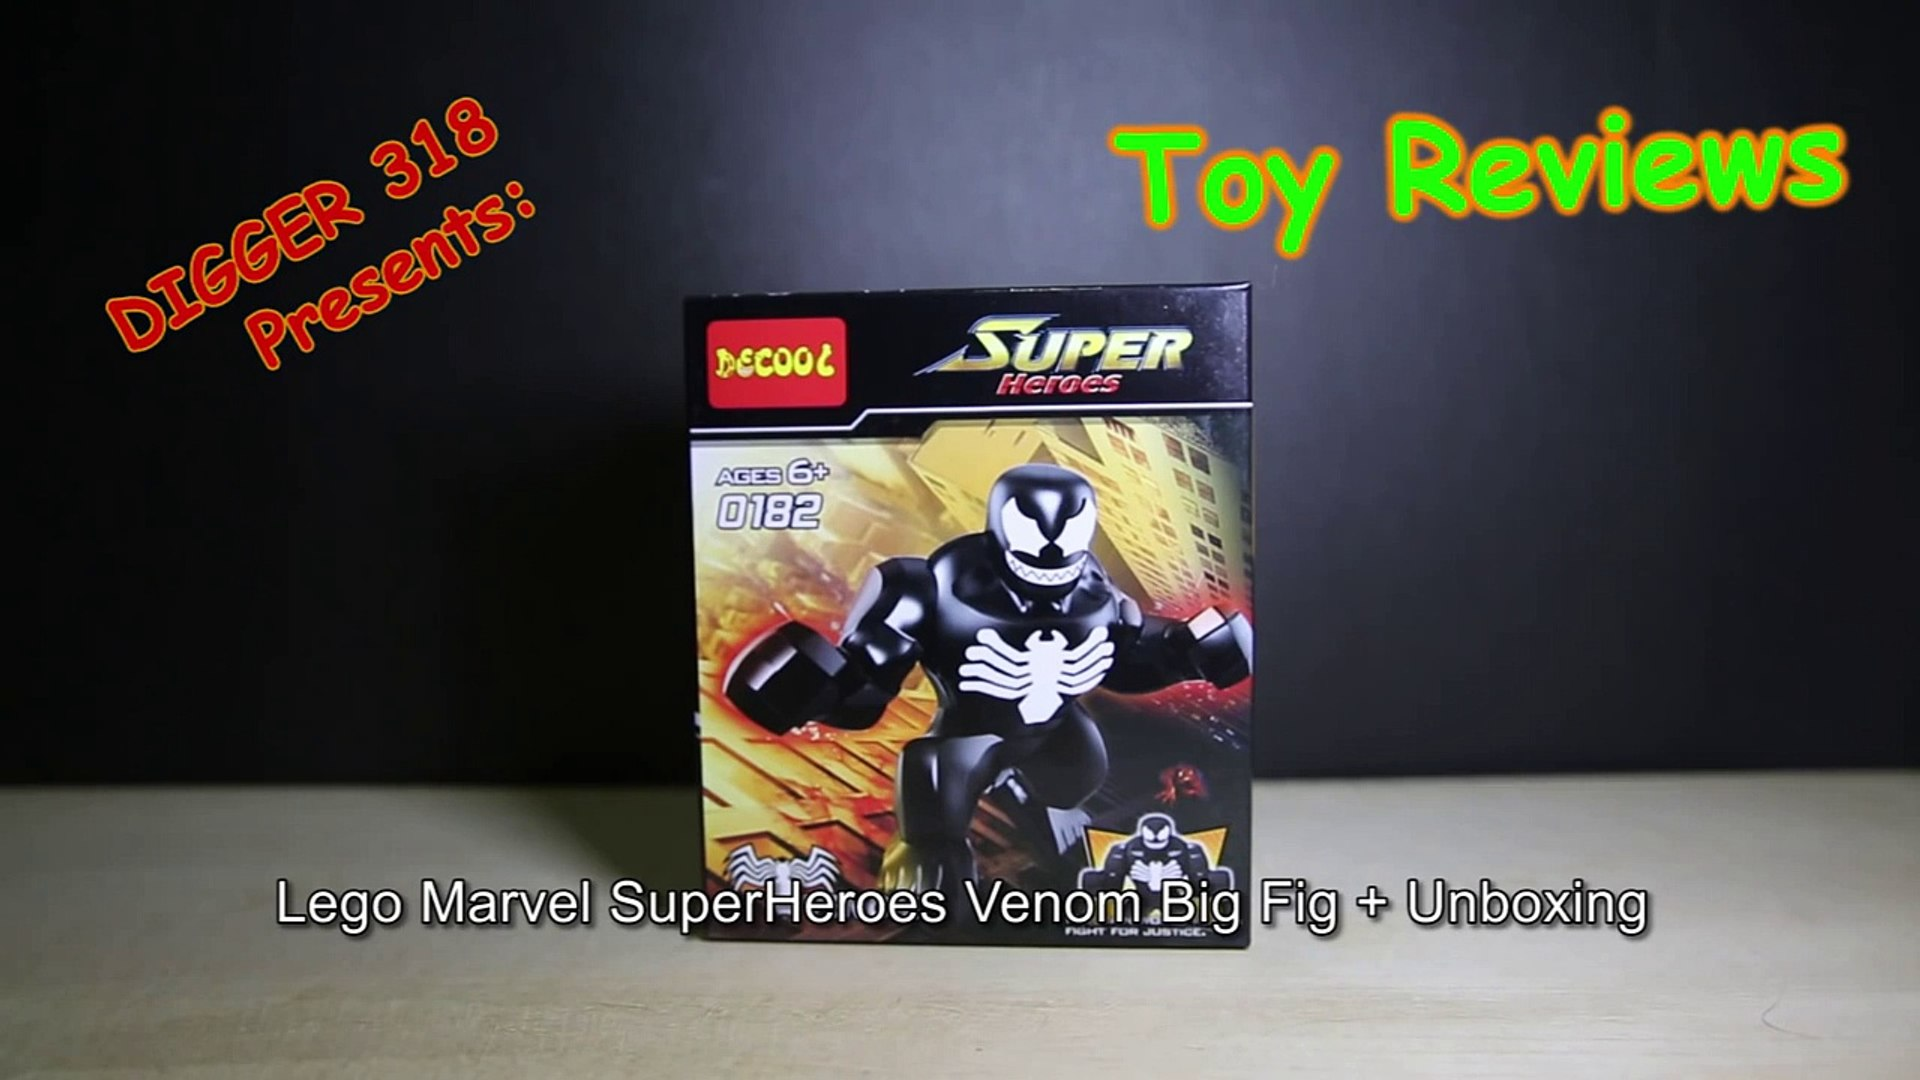 Figure Minifigures Venom Spiderman Vs Knockoffs Lego Big 5AqcjL34R